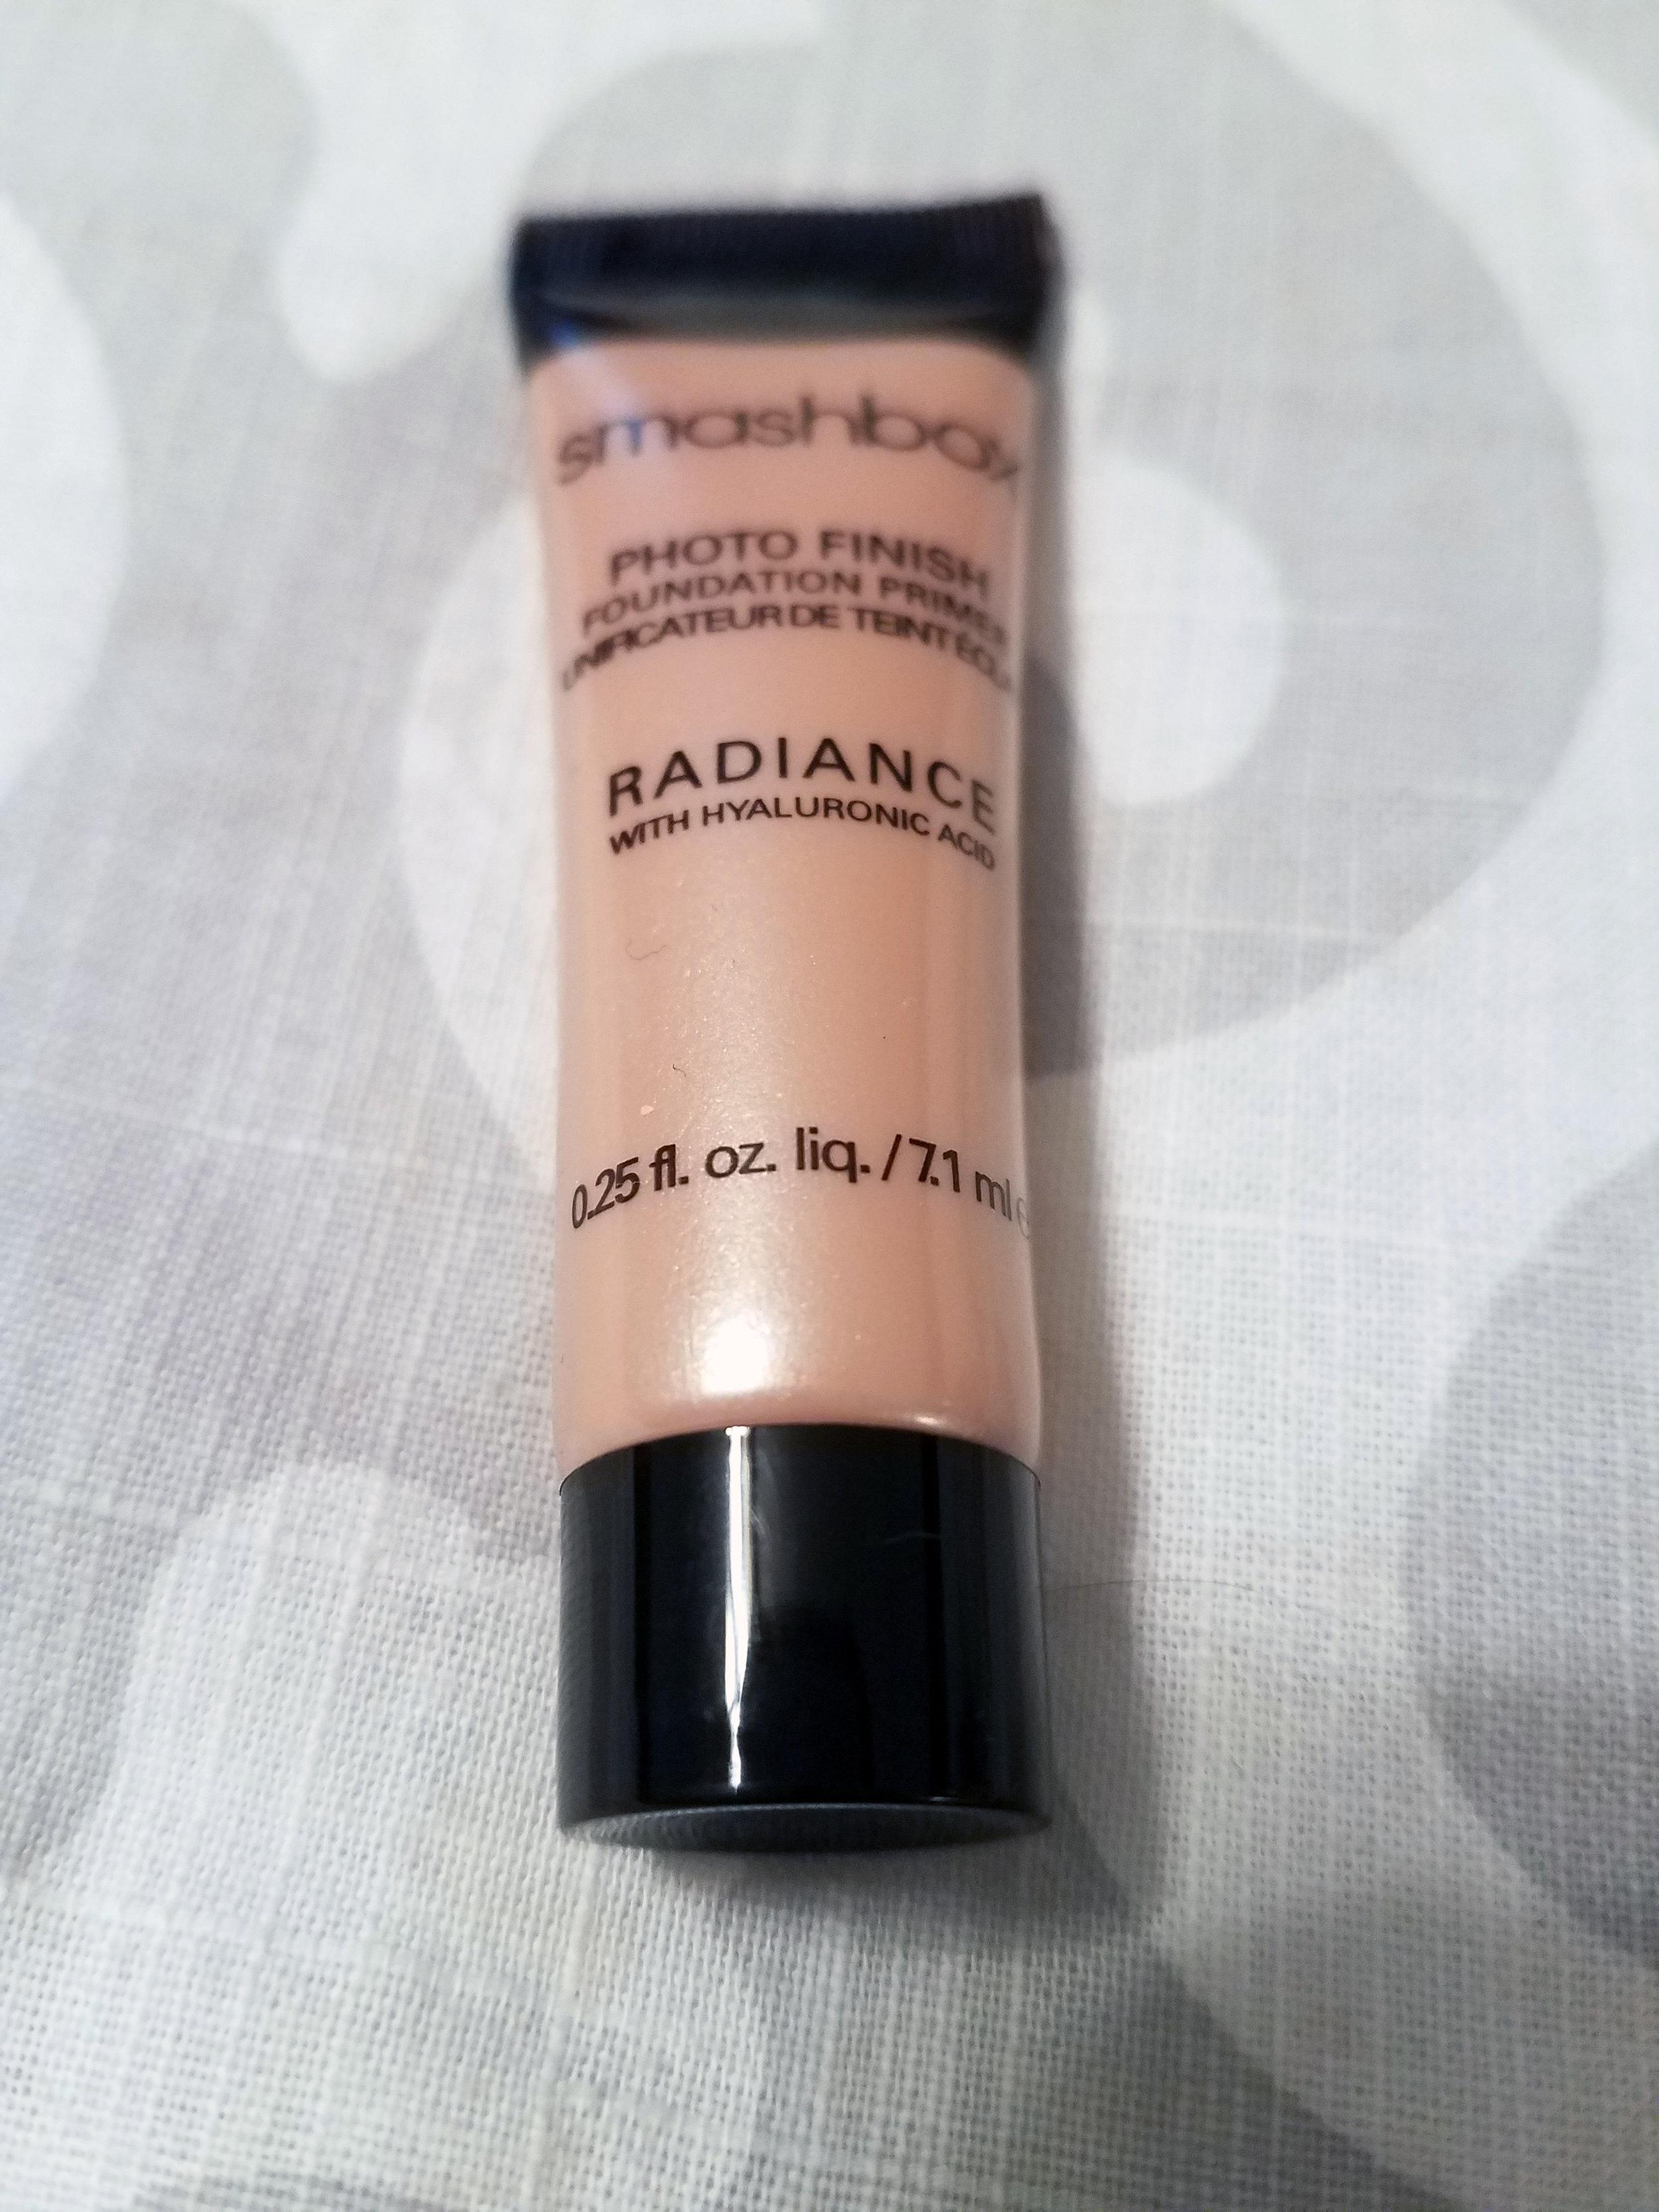 Smashbox Cosmetics Photo Finish Radiance Primer